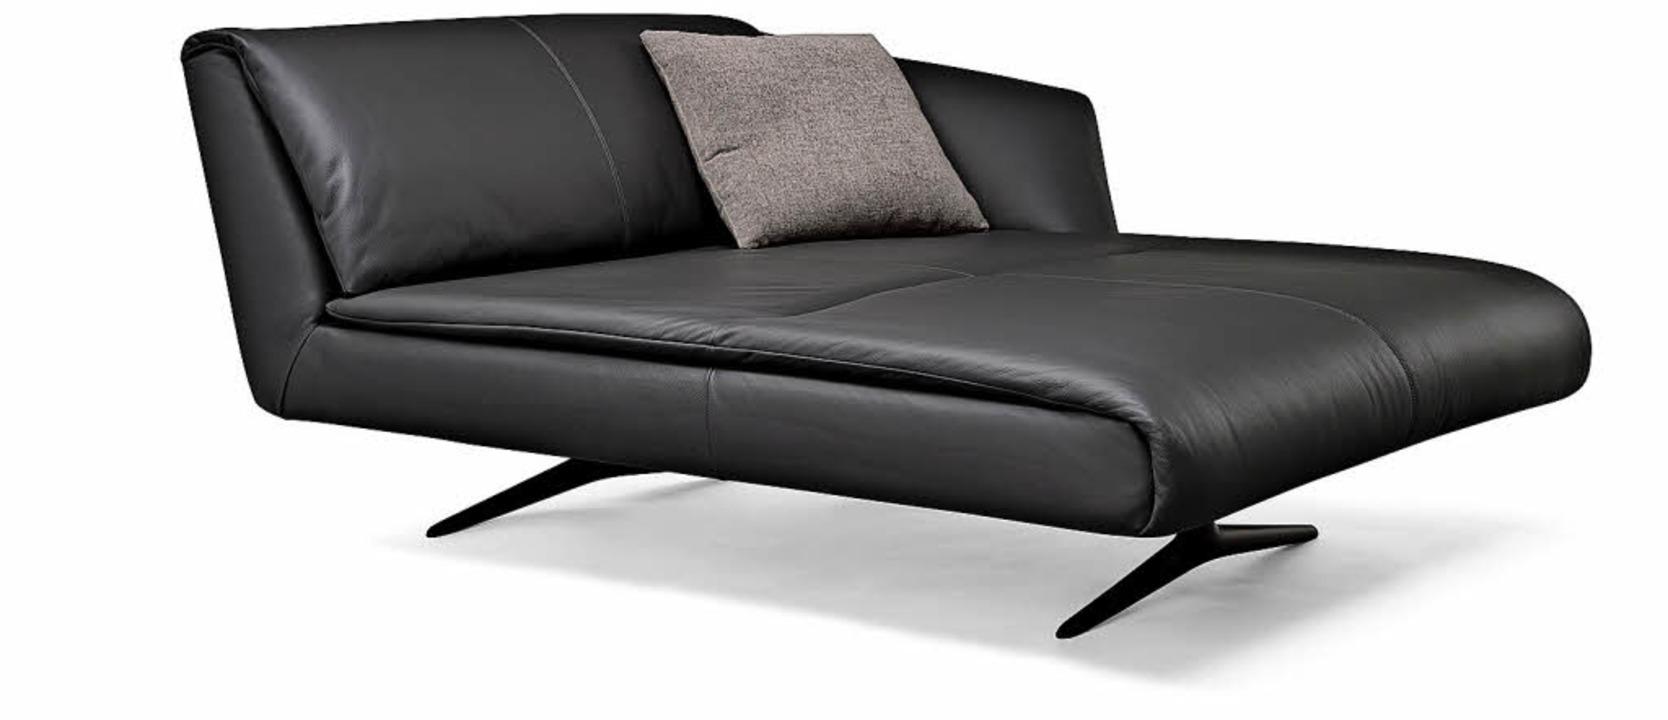 die neue schlichtheit haus garten badische zeitung. Black Bedroom Furniture Sets. Home Design Ideas